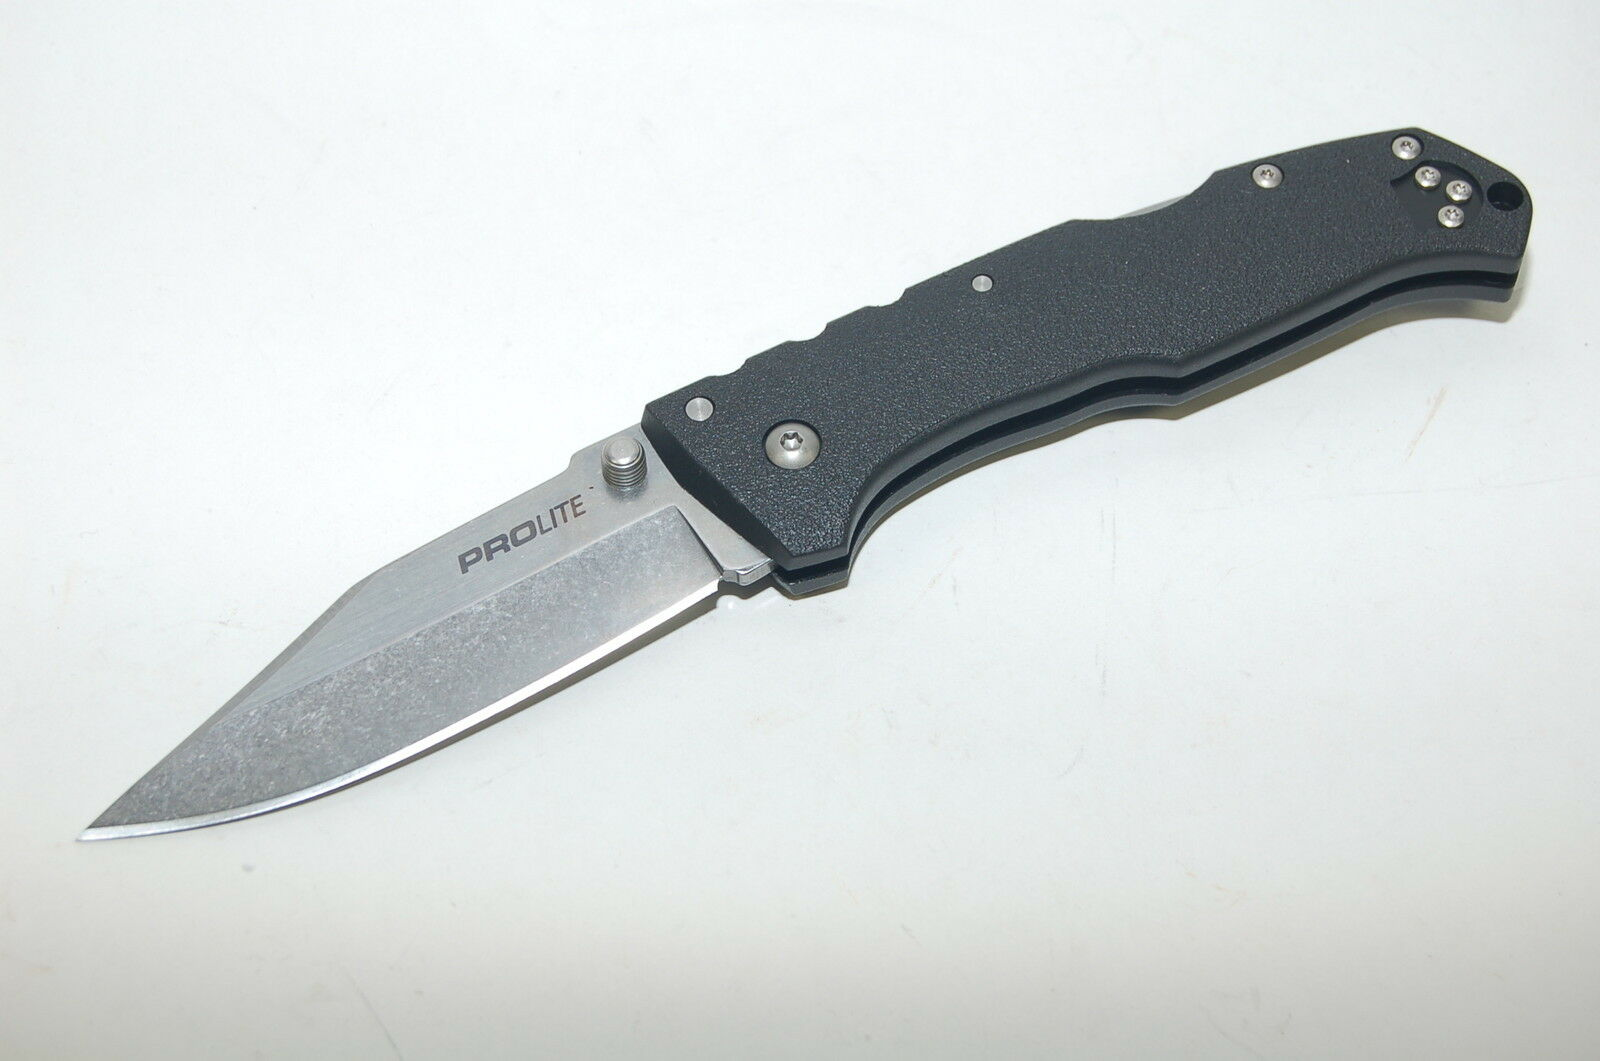 Cold Cold Cold Steel Pro Lite Clip Point  Taschenmesser Einhandmesser Arbeitsmesser 853d3b